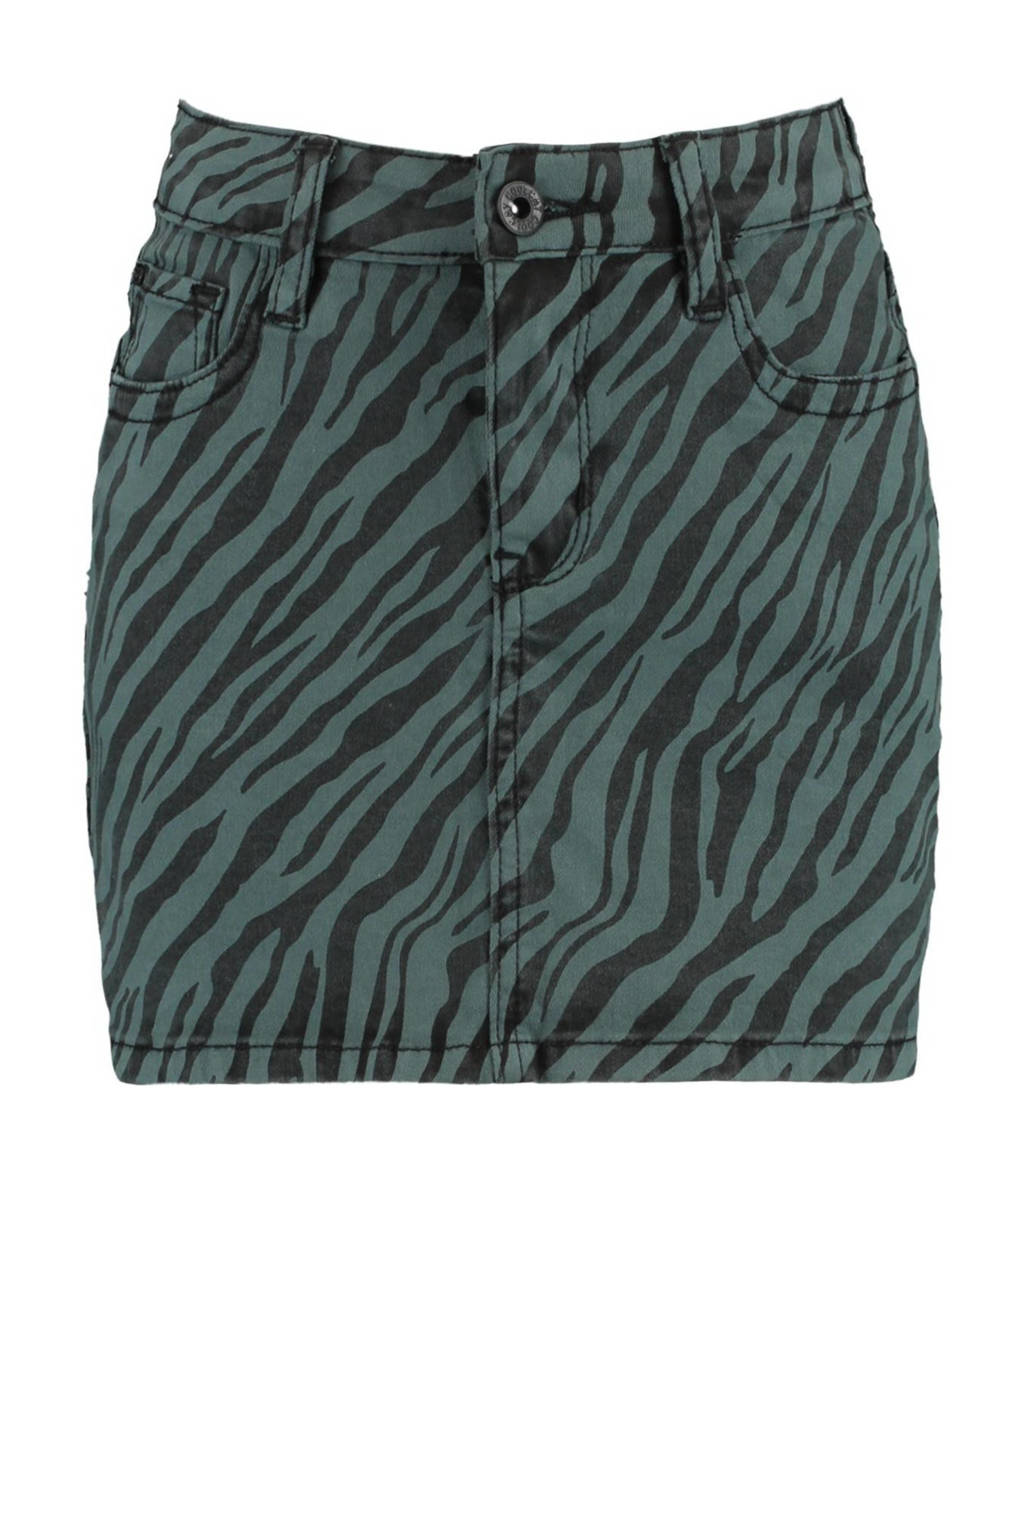 CoolCat Junior spijkerrok Rory met zebraprint, Zwart/groen